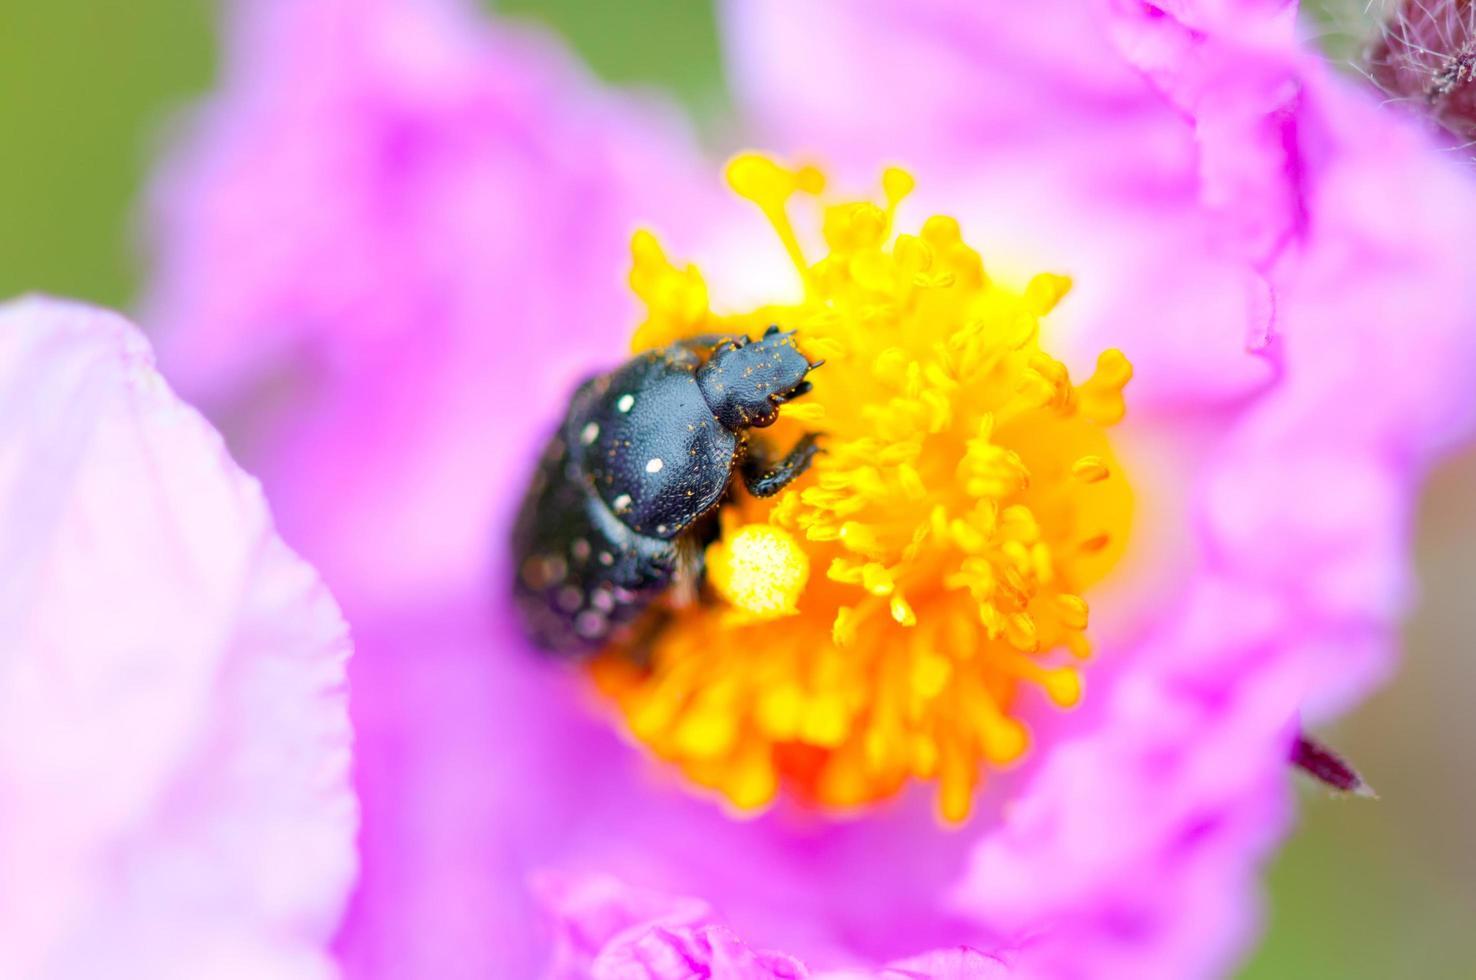 schwarzer Käfer auf einer rosa Blume foto